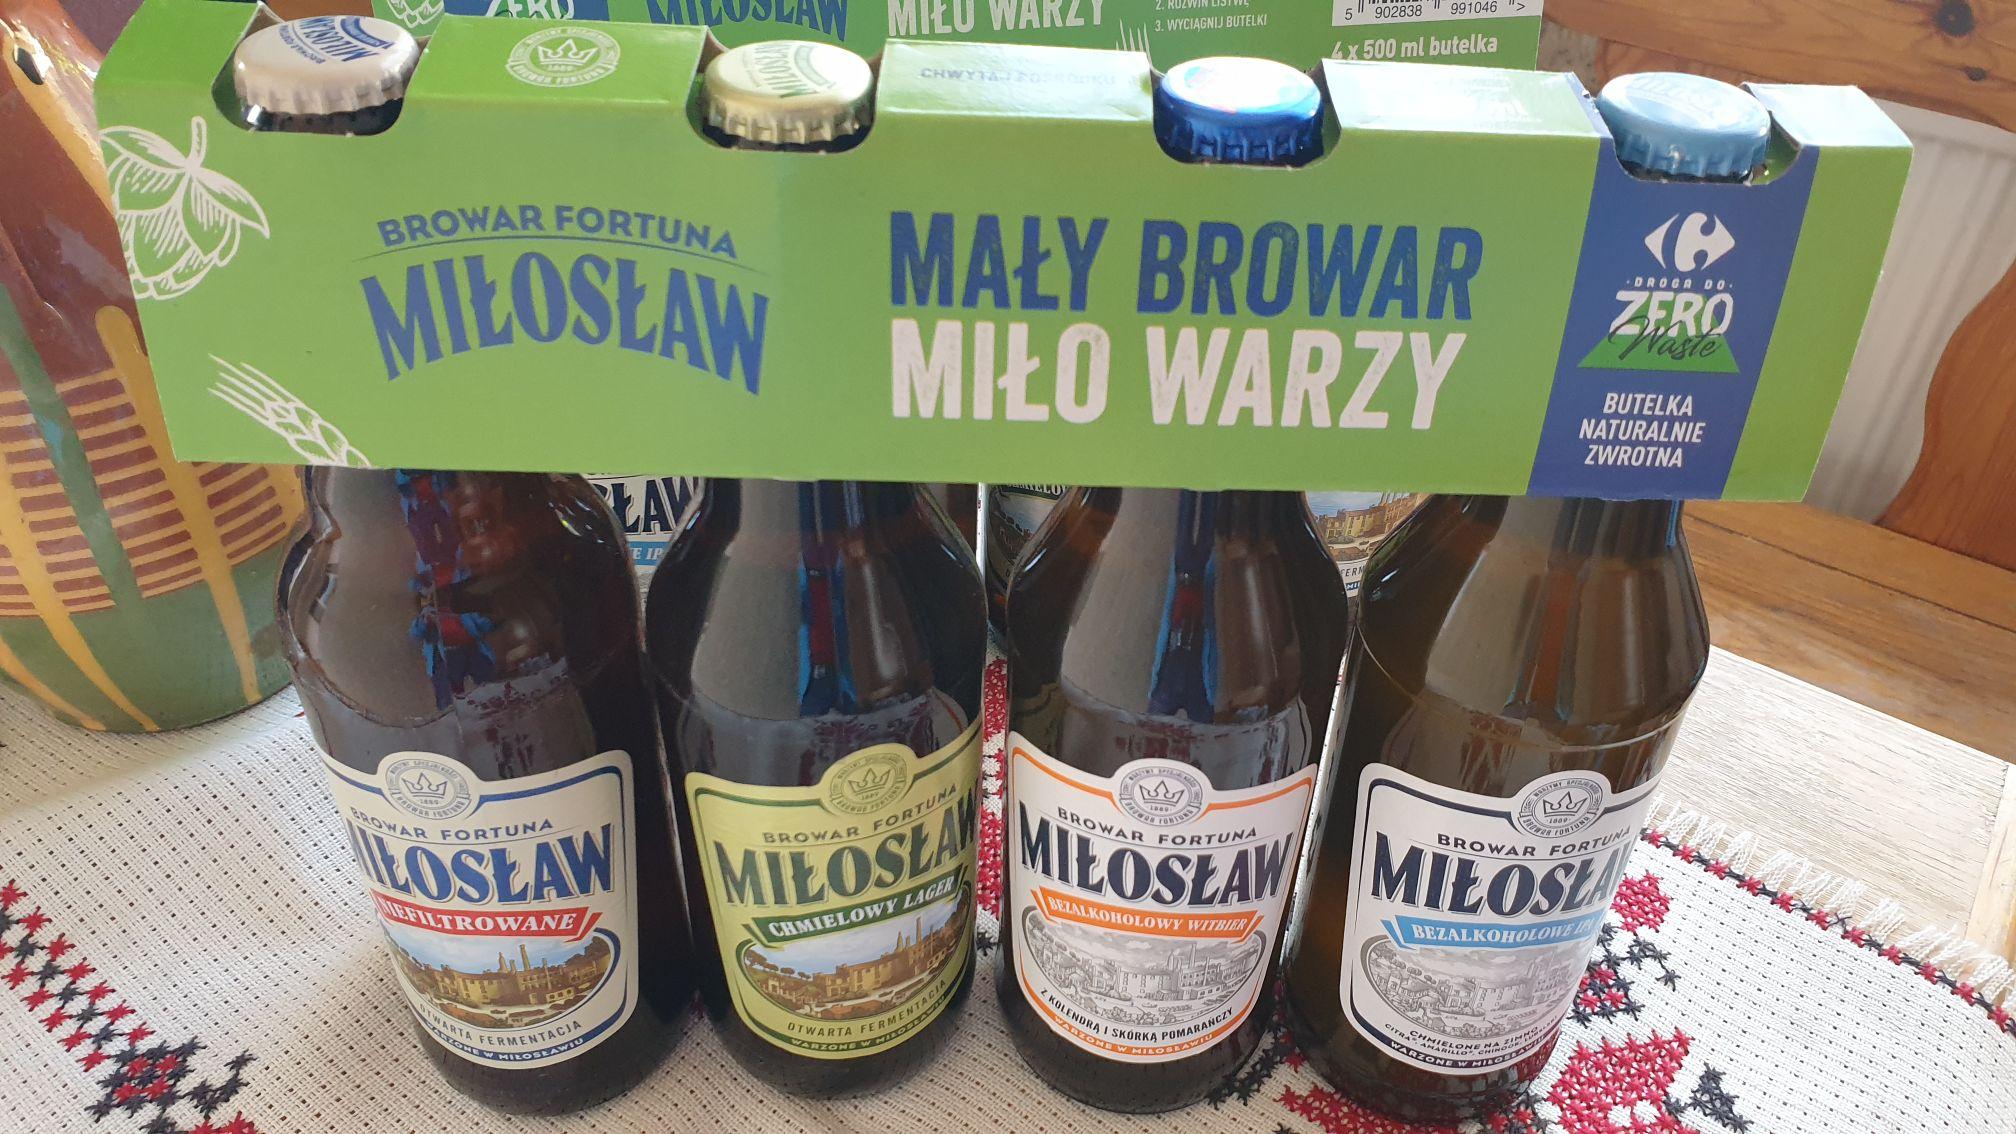 Piwo Miłosław - 8 piw - Supeco